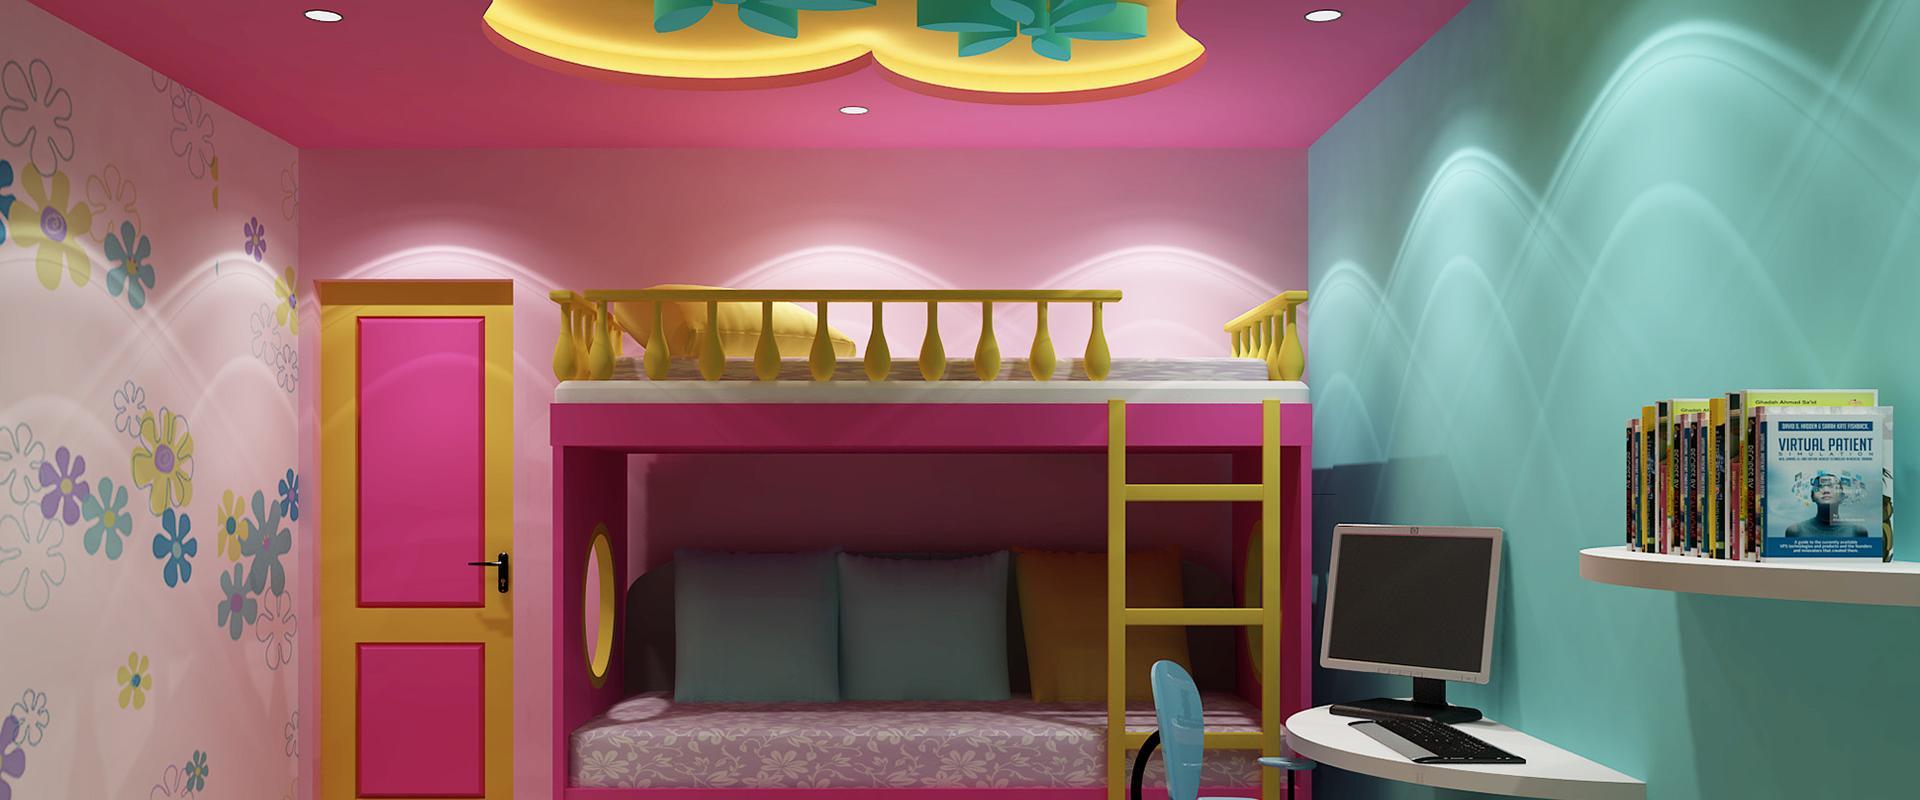 طرح کناف برای اتاق کودک